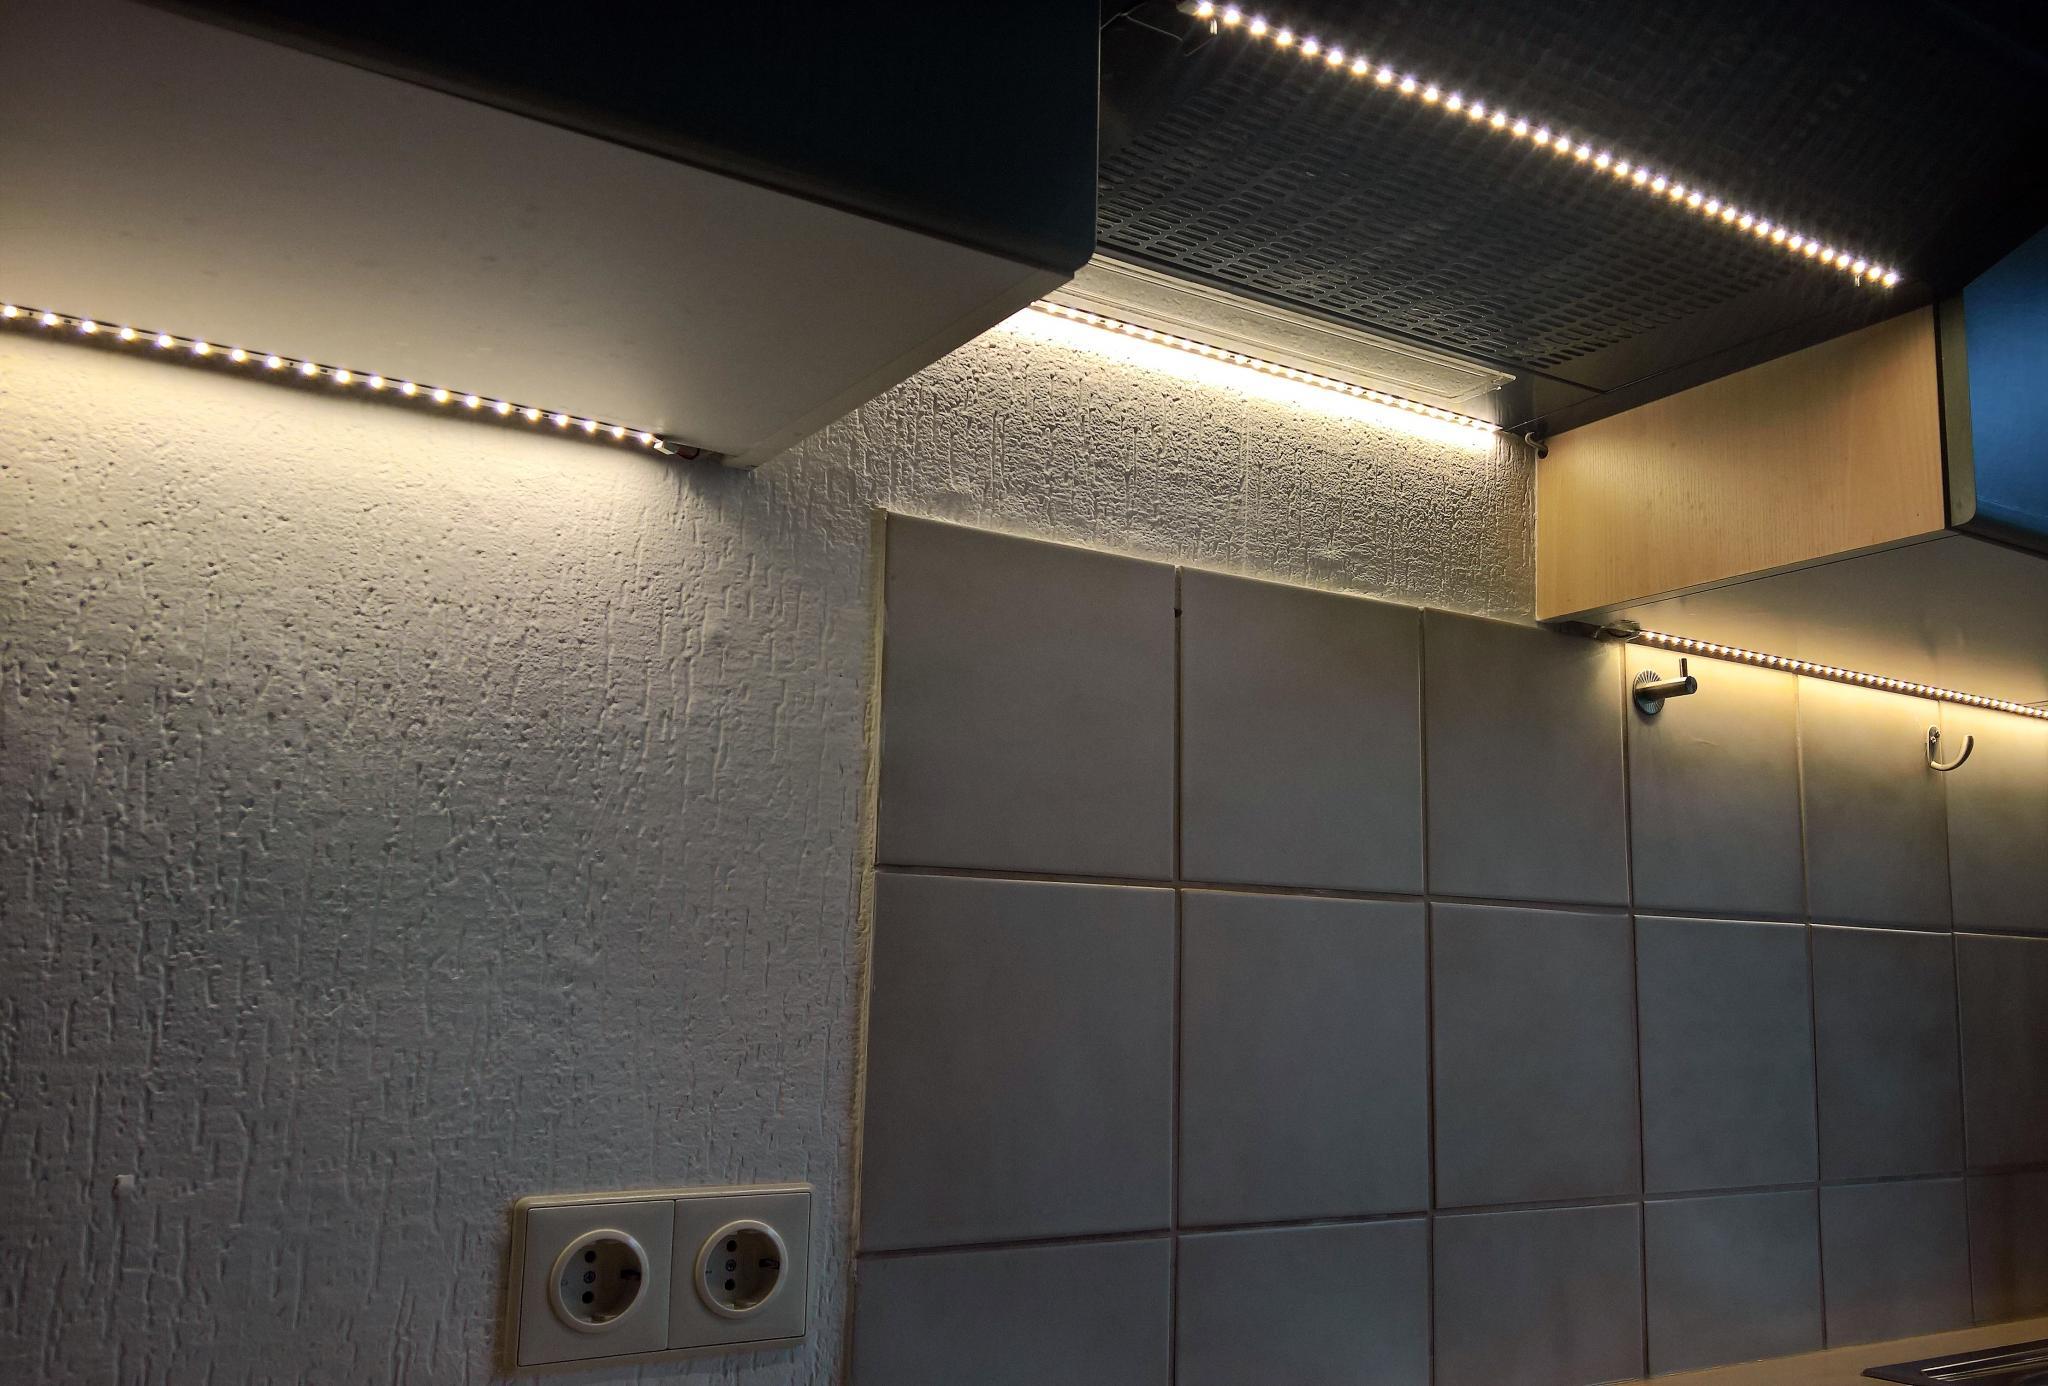 Full Size of Grifflose Küche Einhebelmischer Mit Elektrogeräten Günstig Schmales Regal Fliesen Für Ausstellungsküche Sofa Led Kurzzeitmesser Single Leder Braun Wohnzimmer Led Lampen Küche